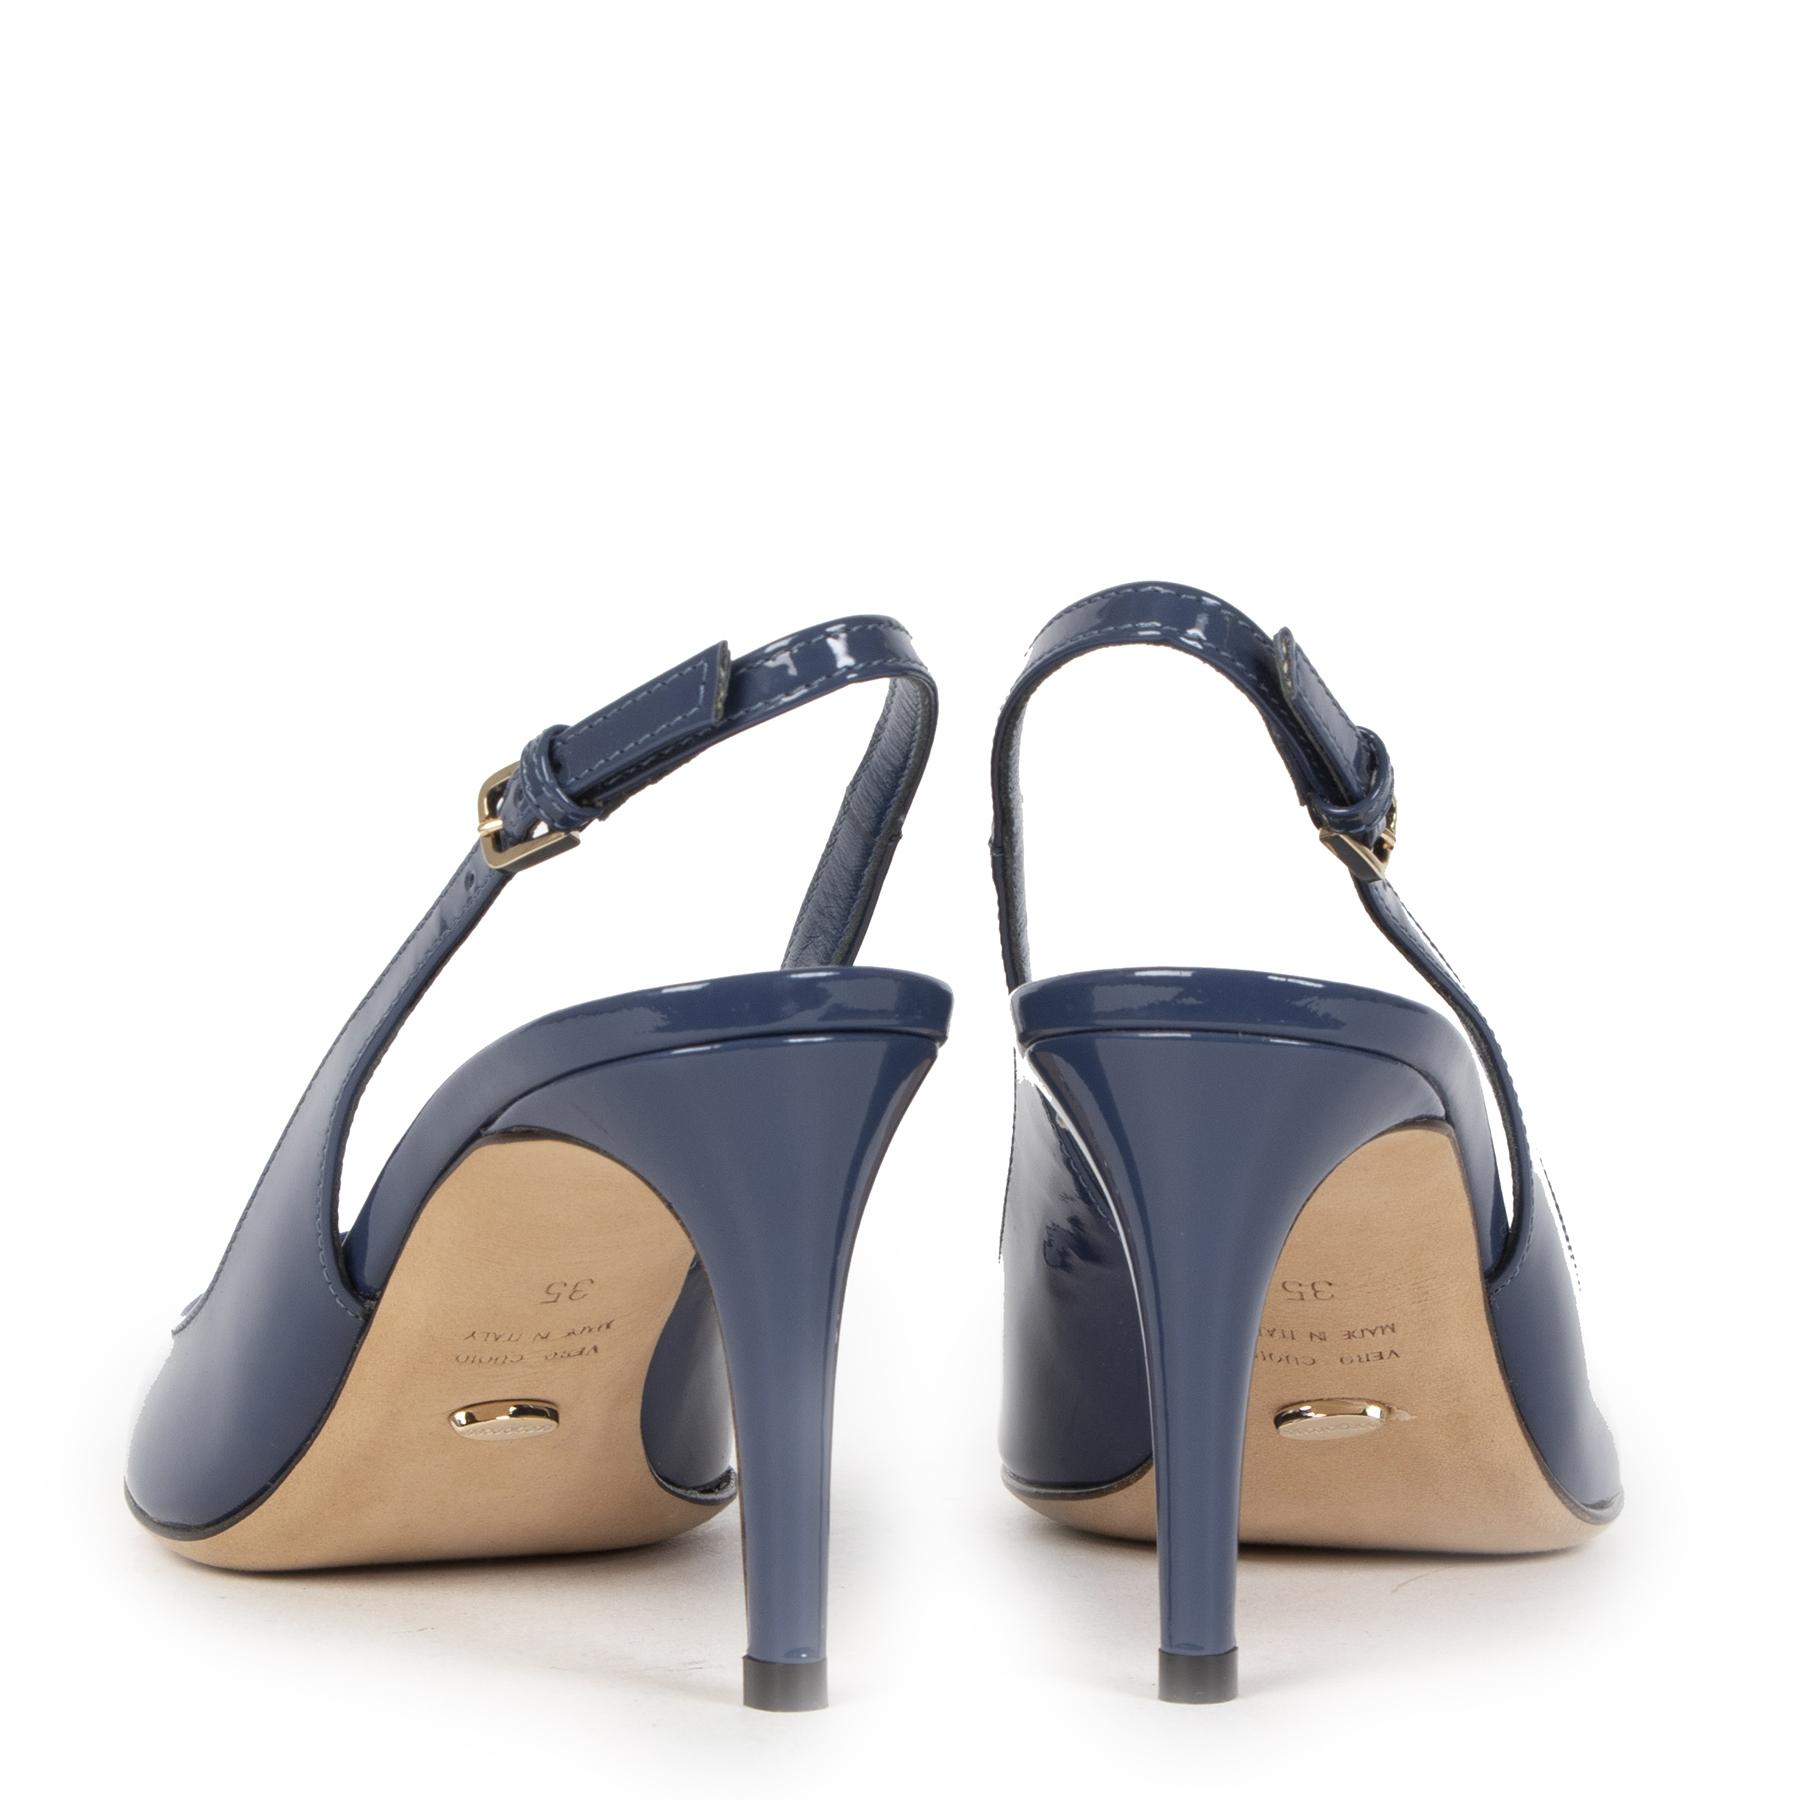 Authentieke Tweedehands Sergio Rossi Blue Patent Leather Heels - Size 35 juiste prijs veilig online shoppen luxe merken webshop winkelen Antwerpen België mode fashion